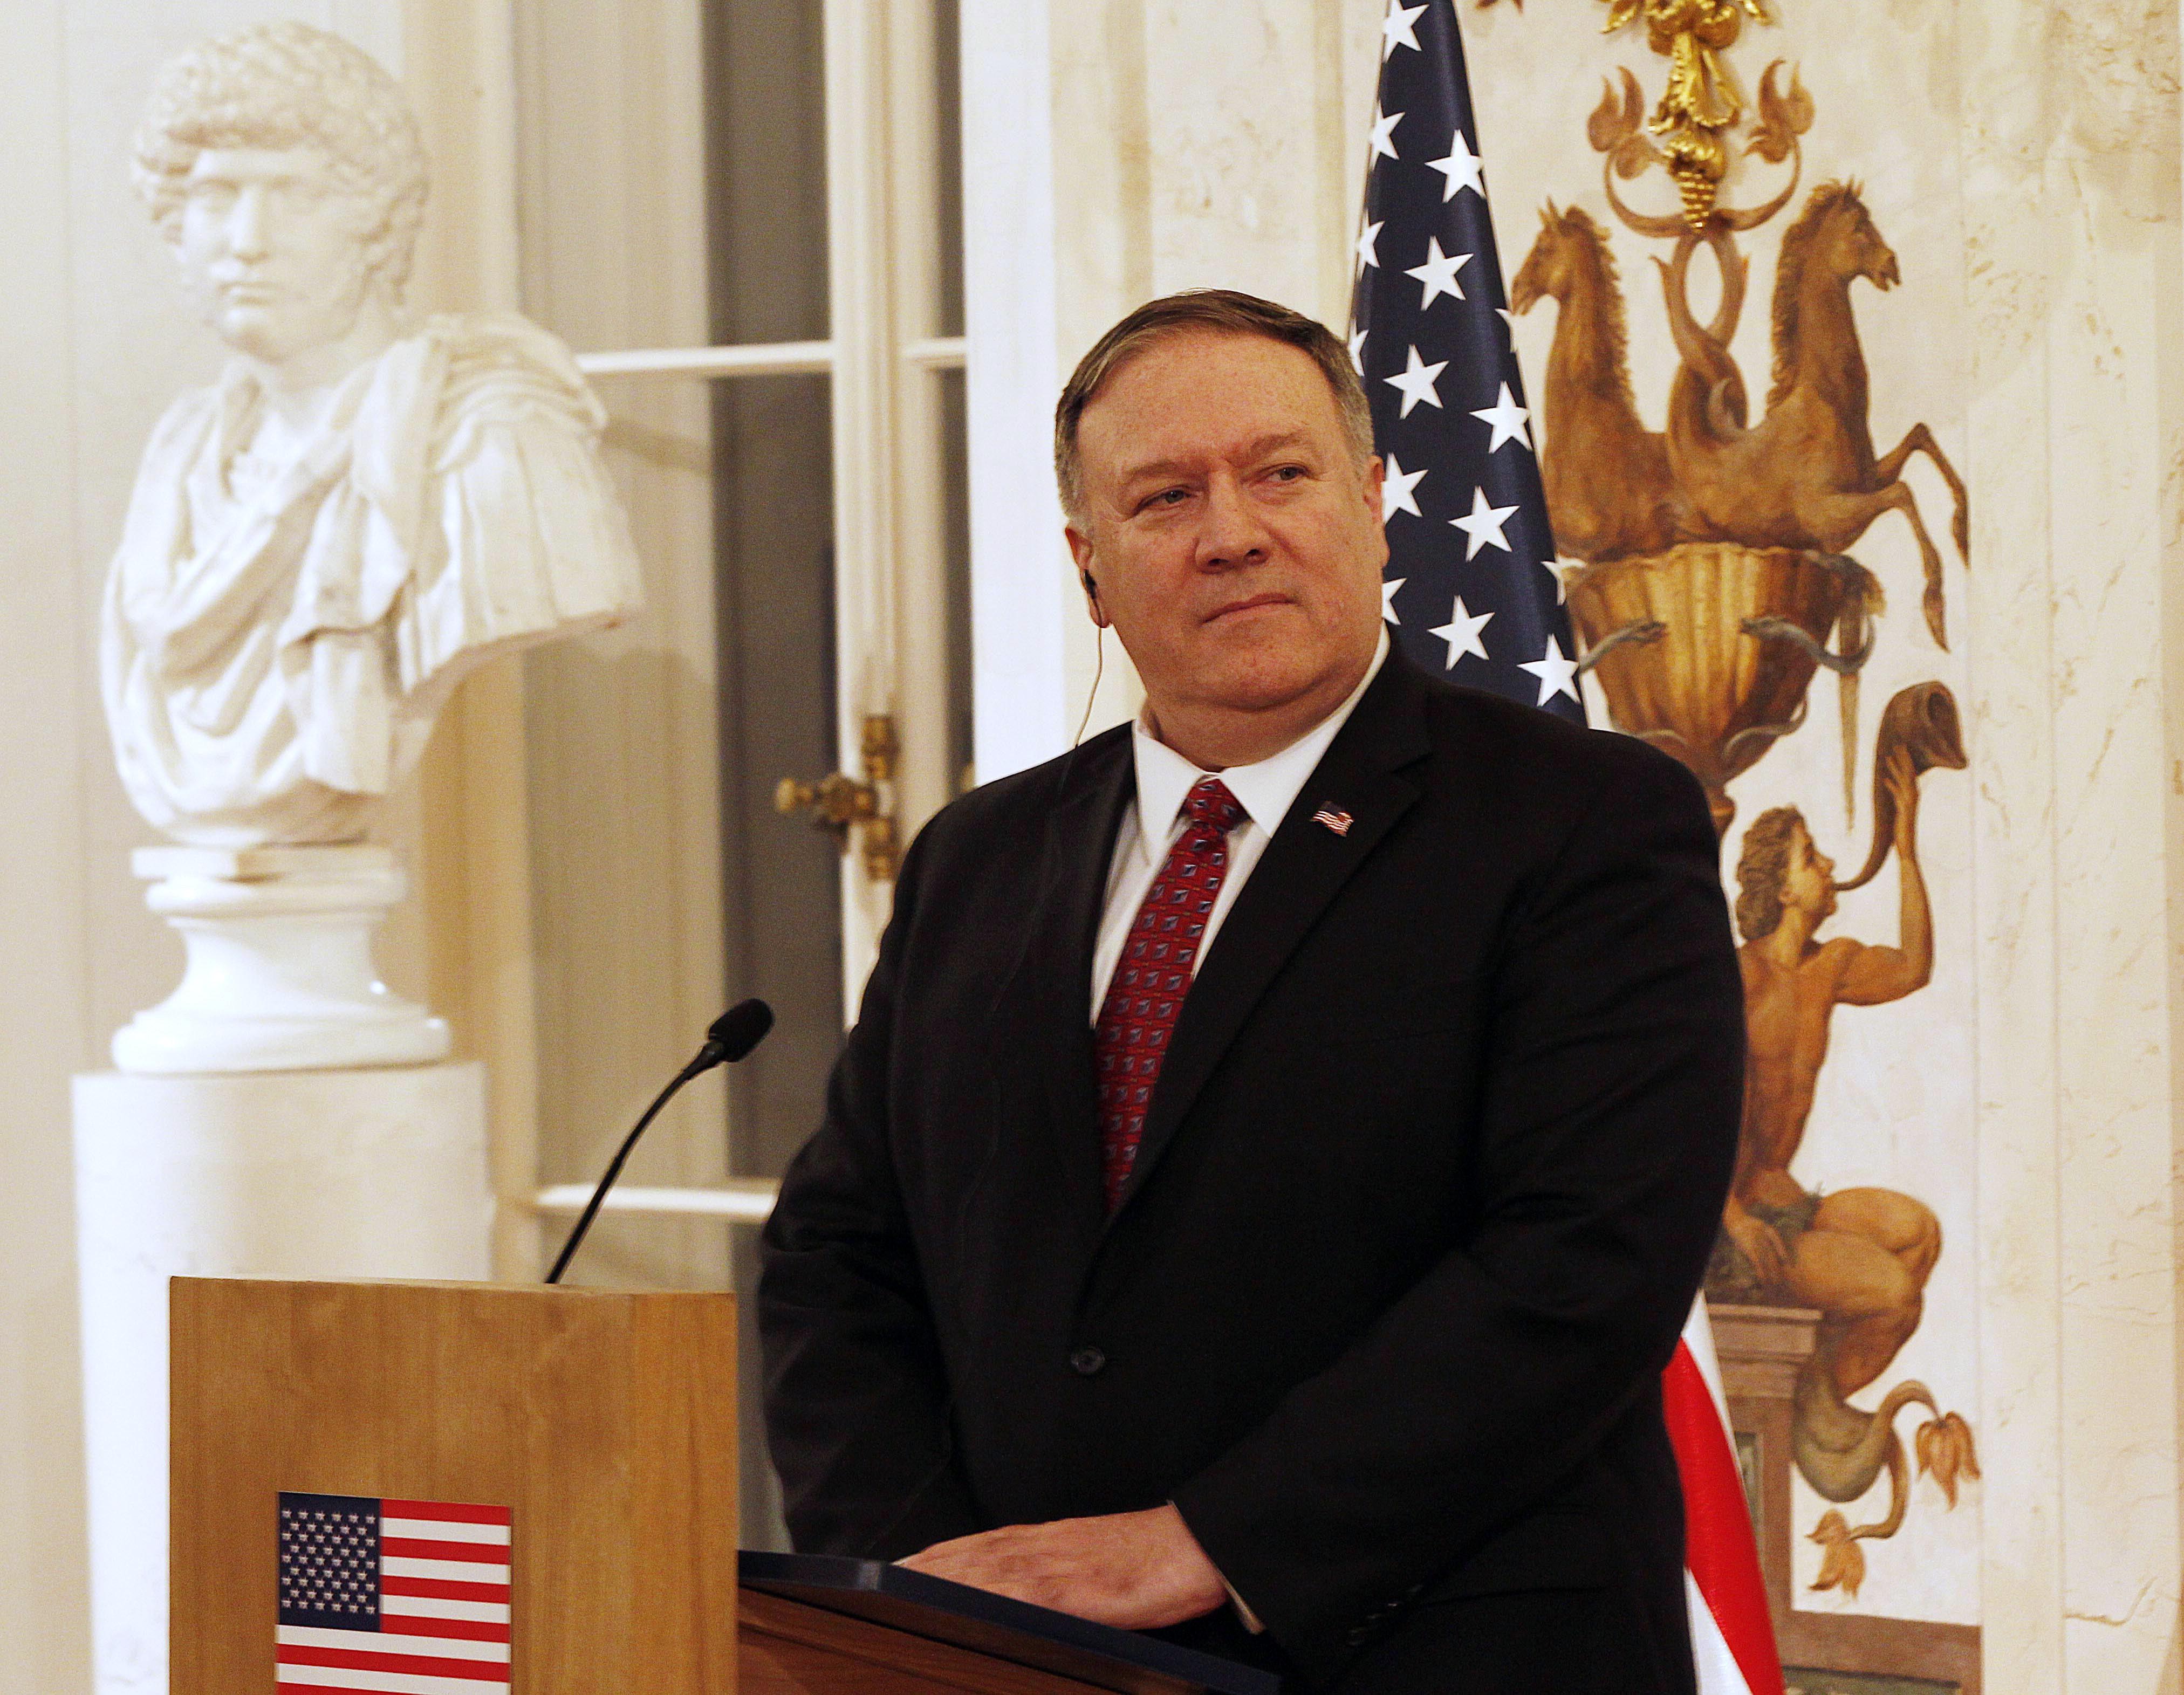 Απειλή ΗΠΑ σε Μαδούρο: «Θα περάσουμε στις πράξεις» - Ανοιχτή πρόσκληση από